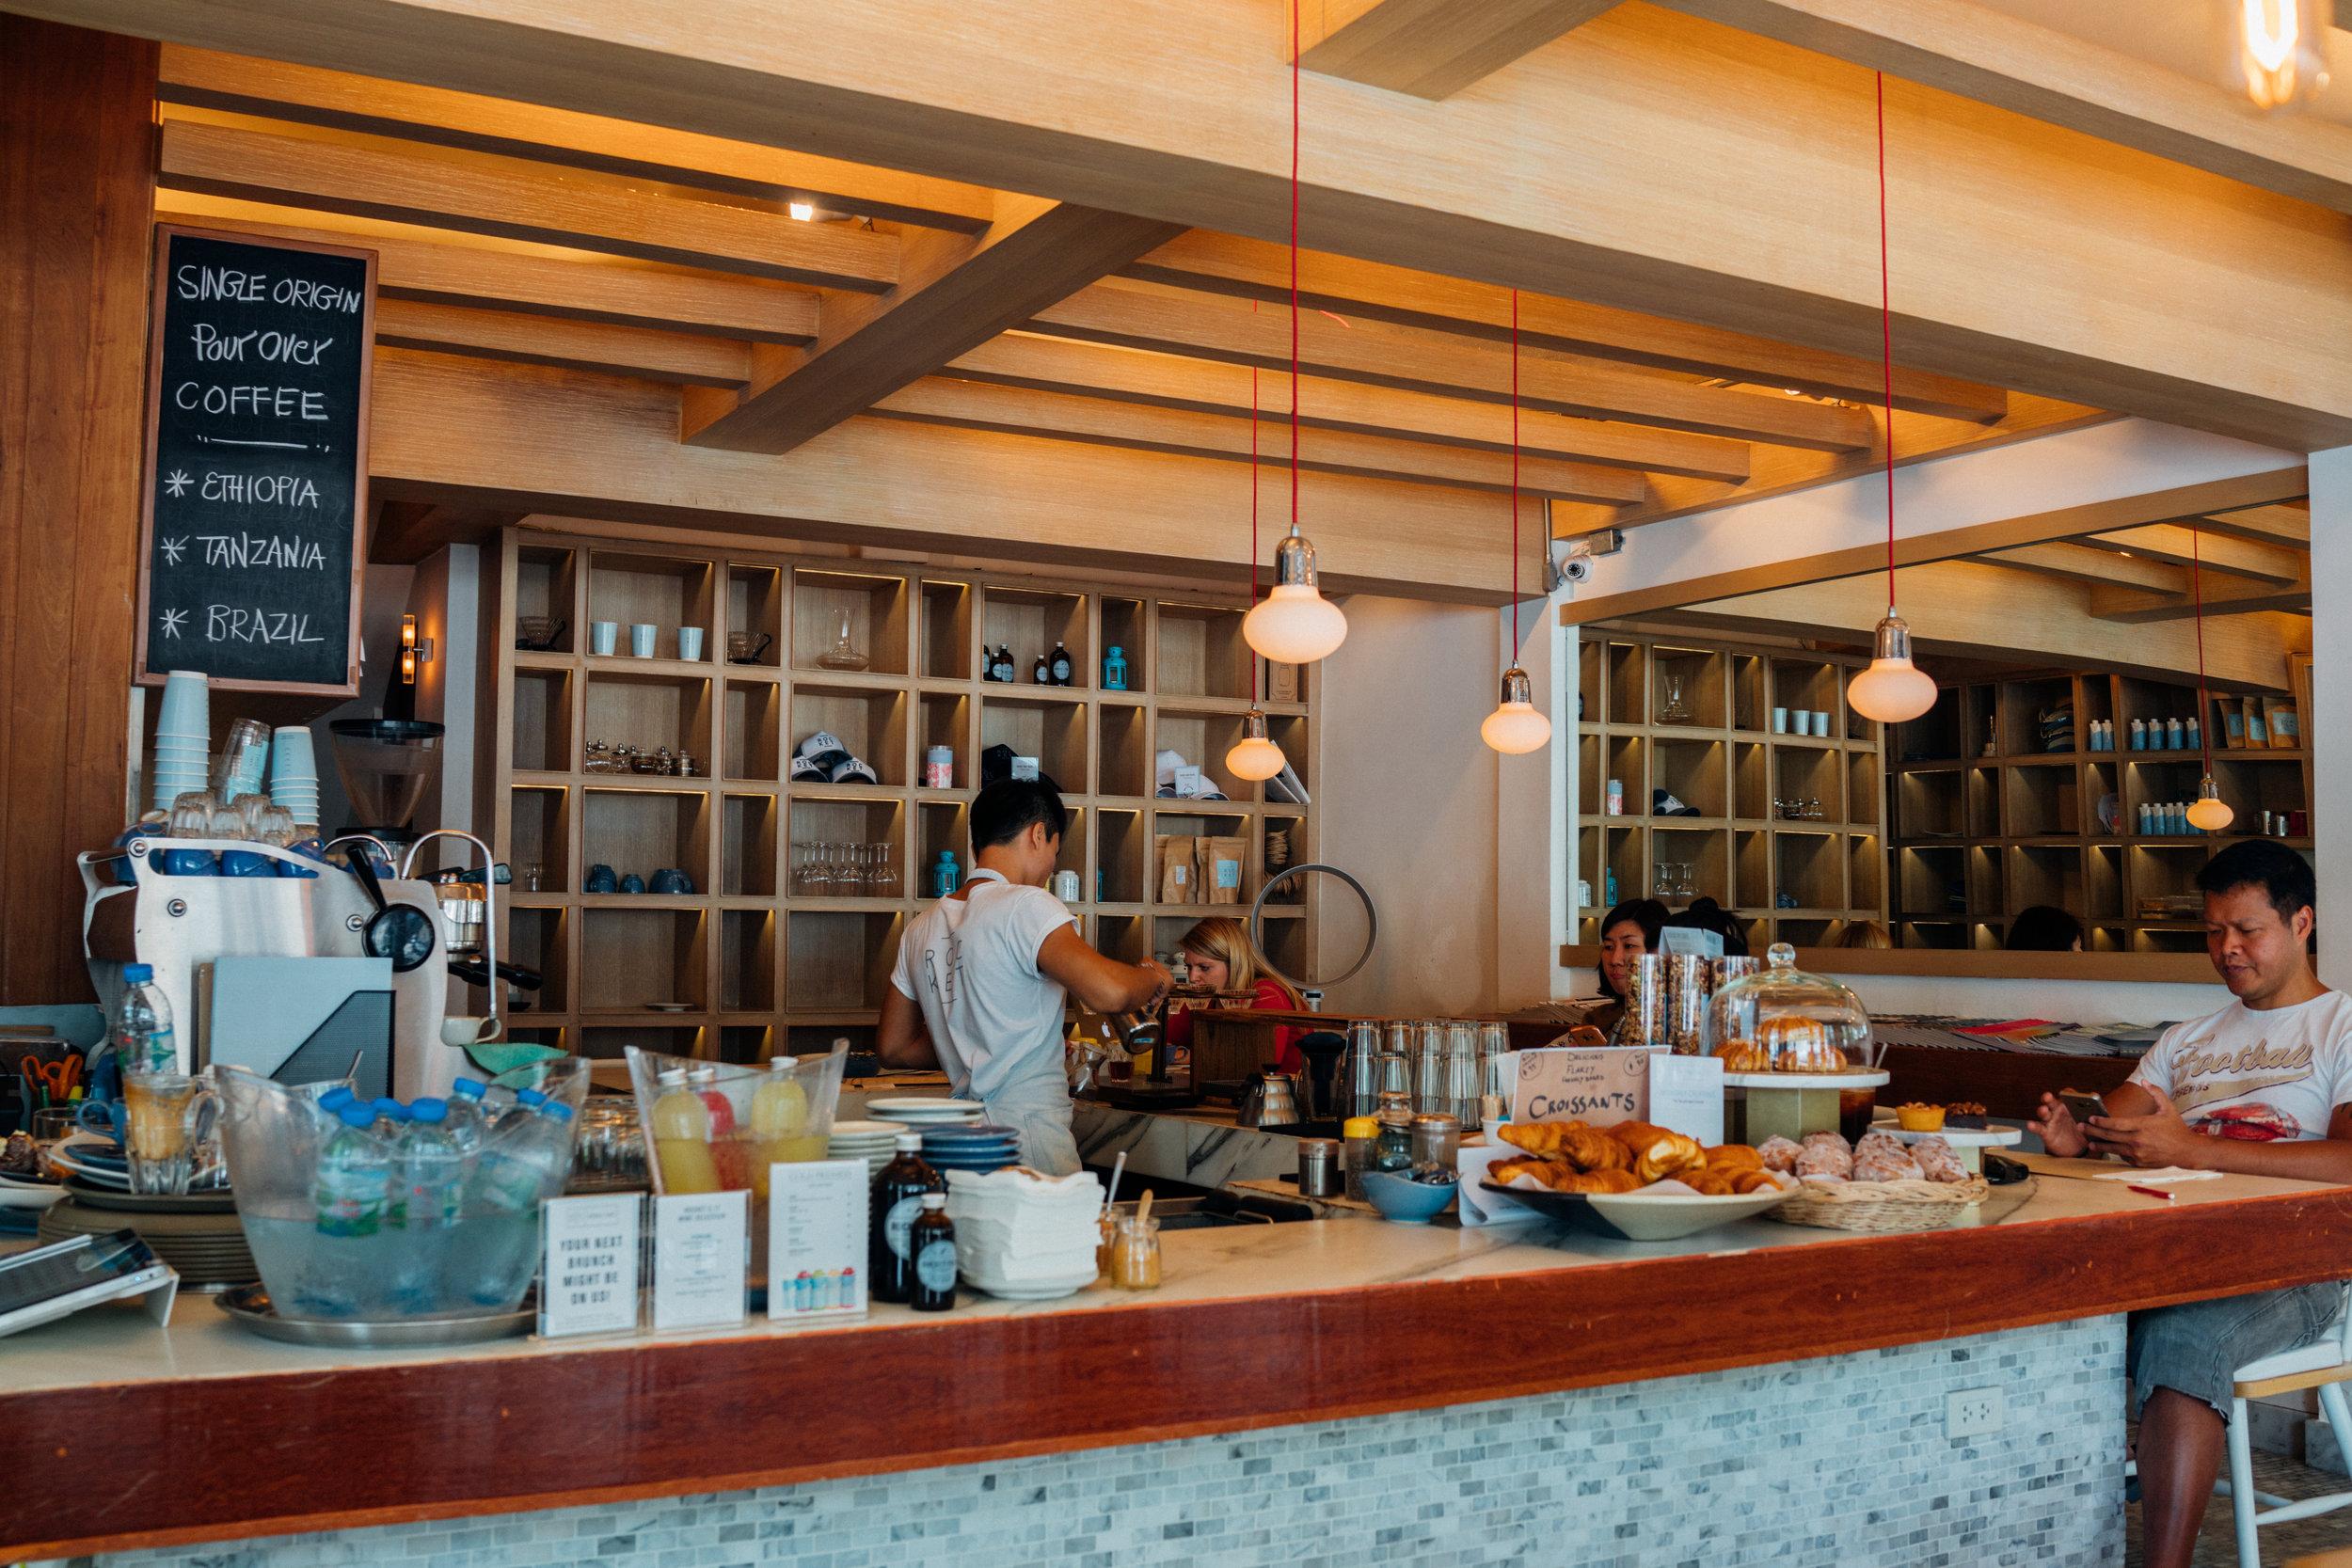 The bar at Rocket